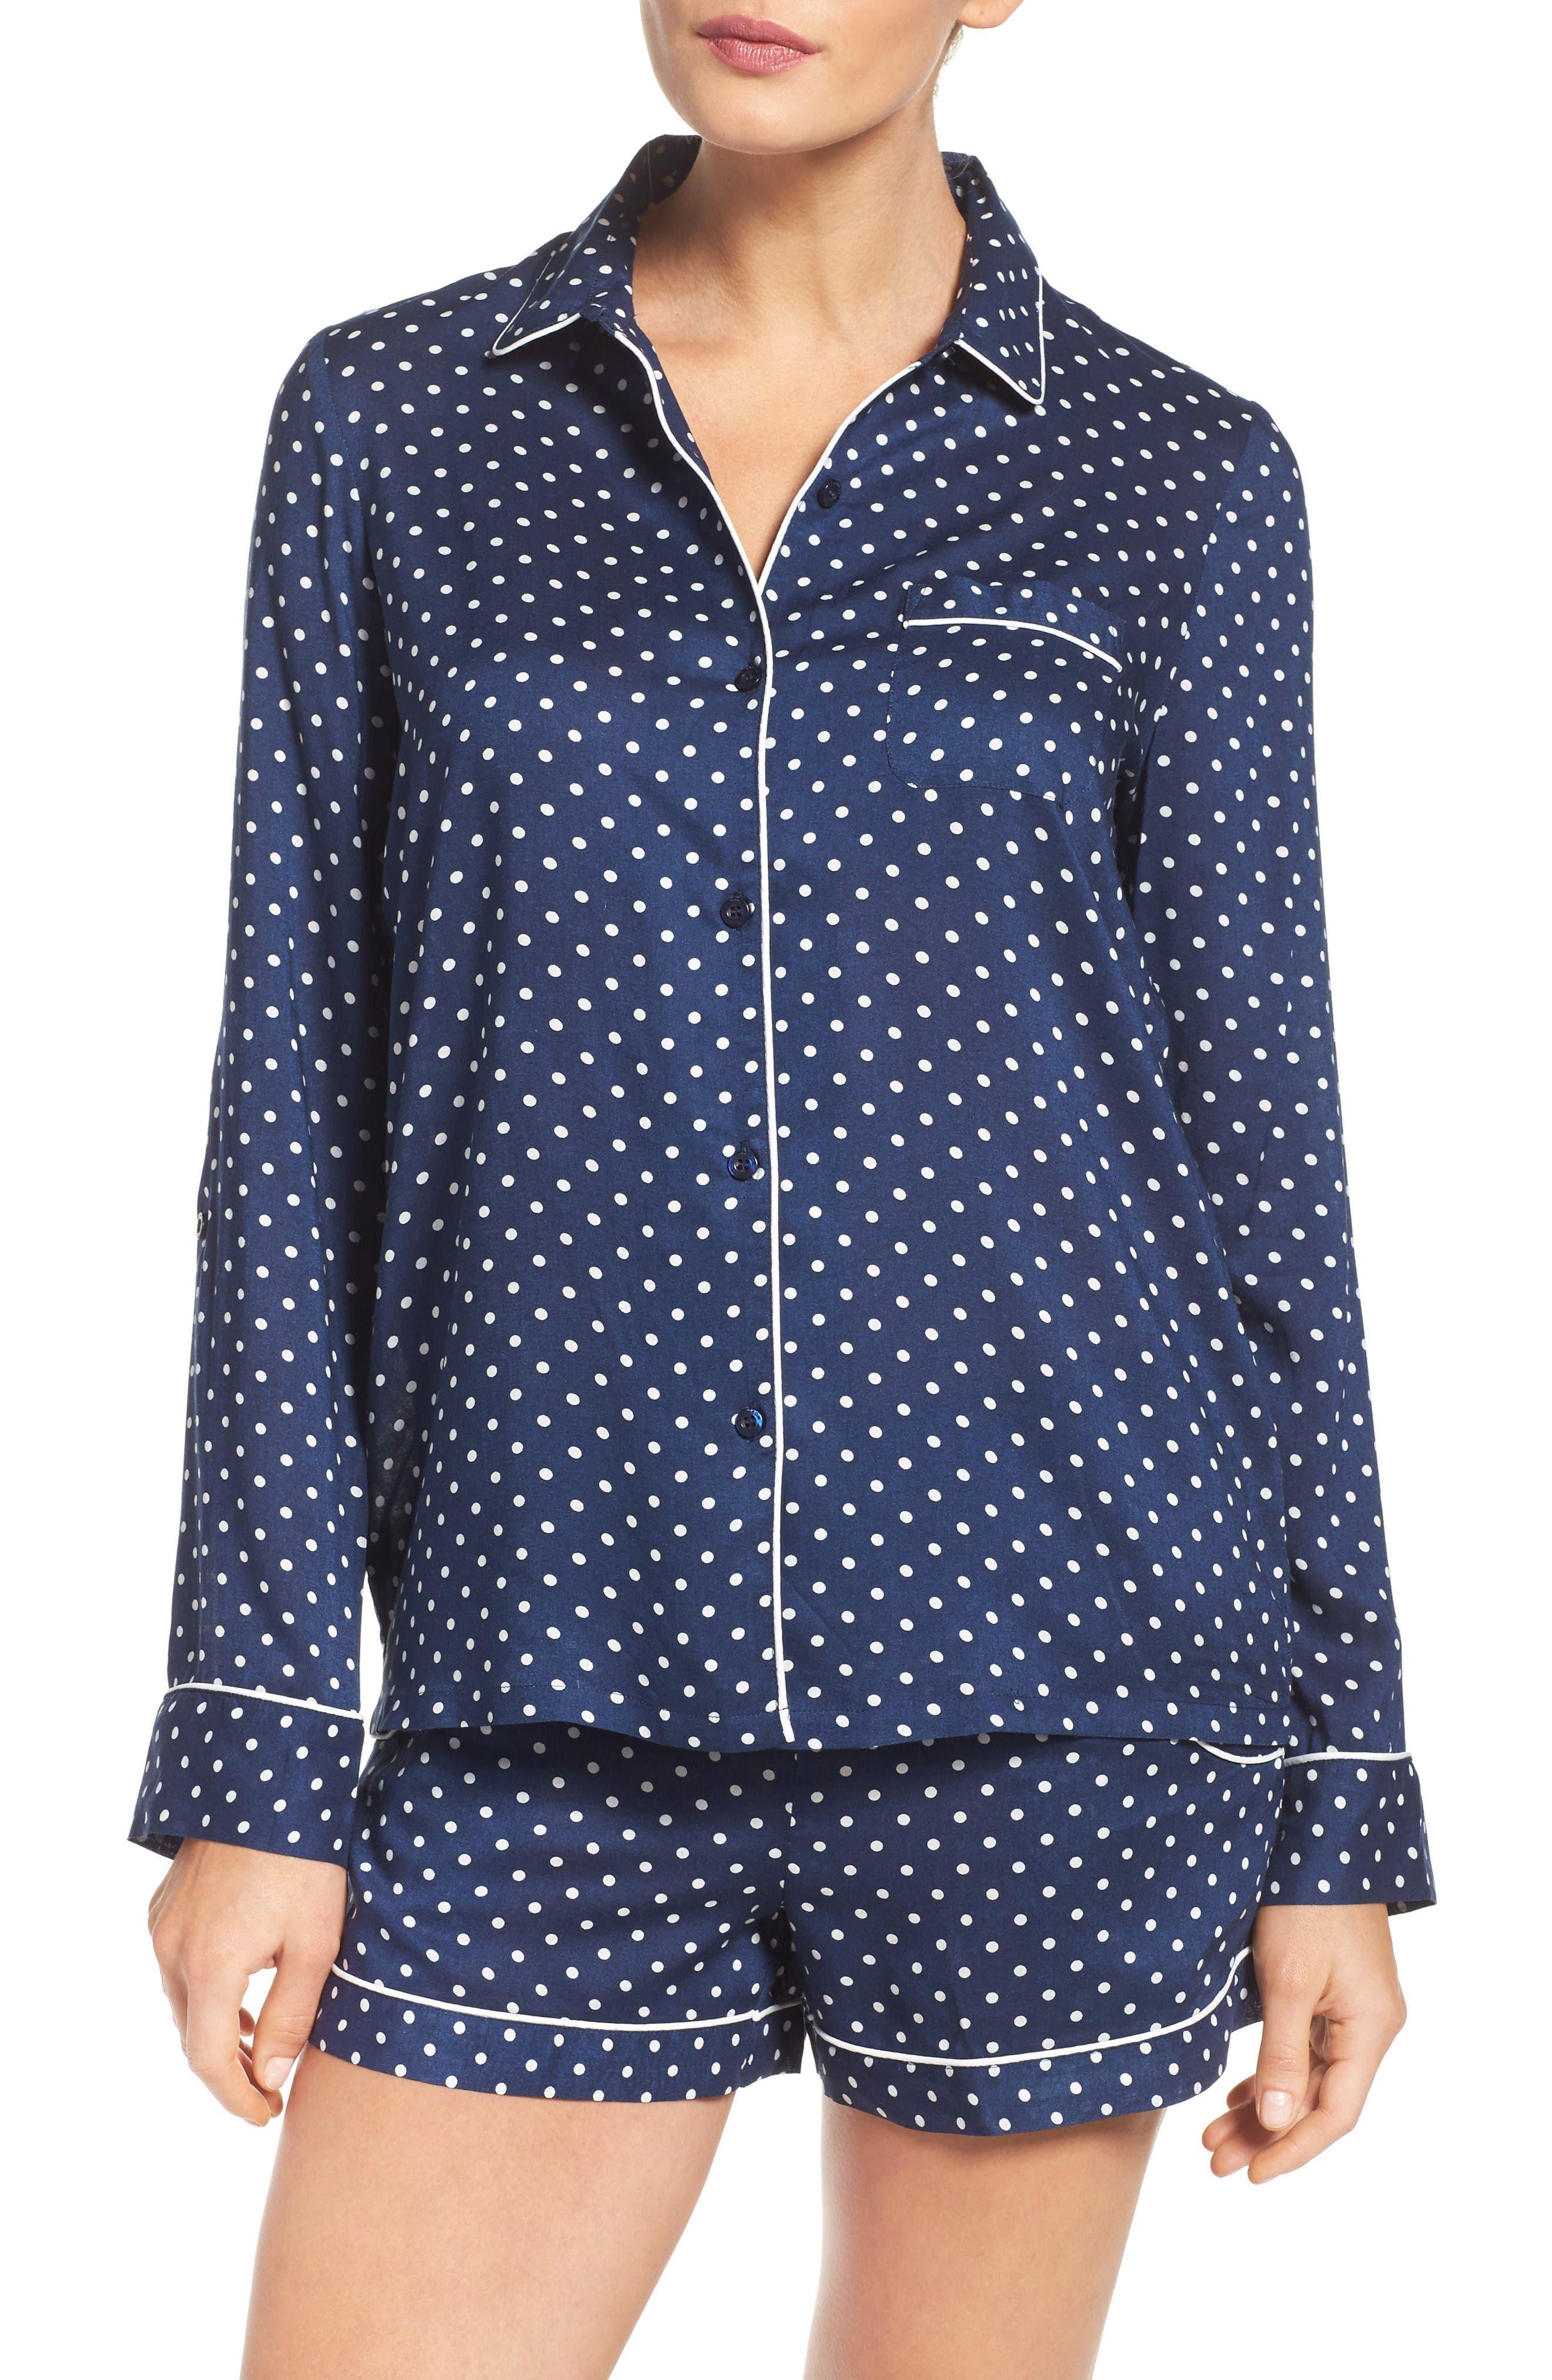 Nordstrom Lingerie Woven Short Pajamas